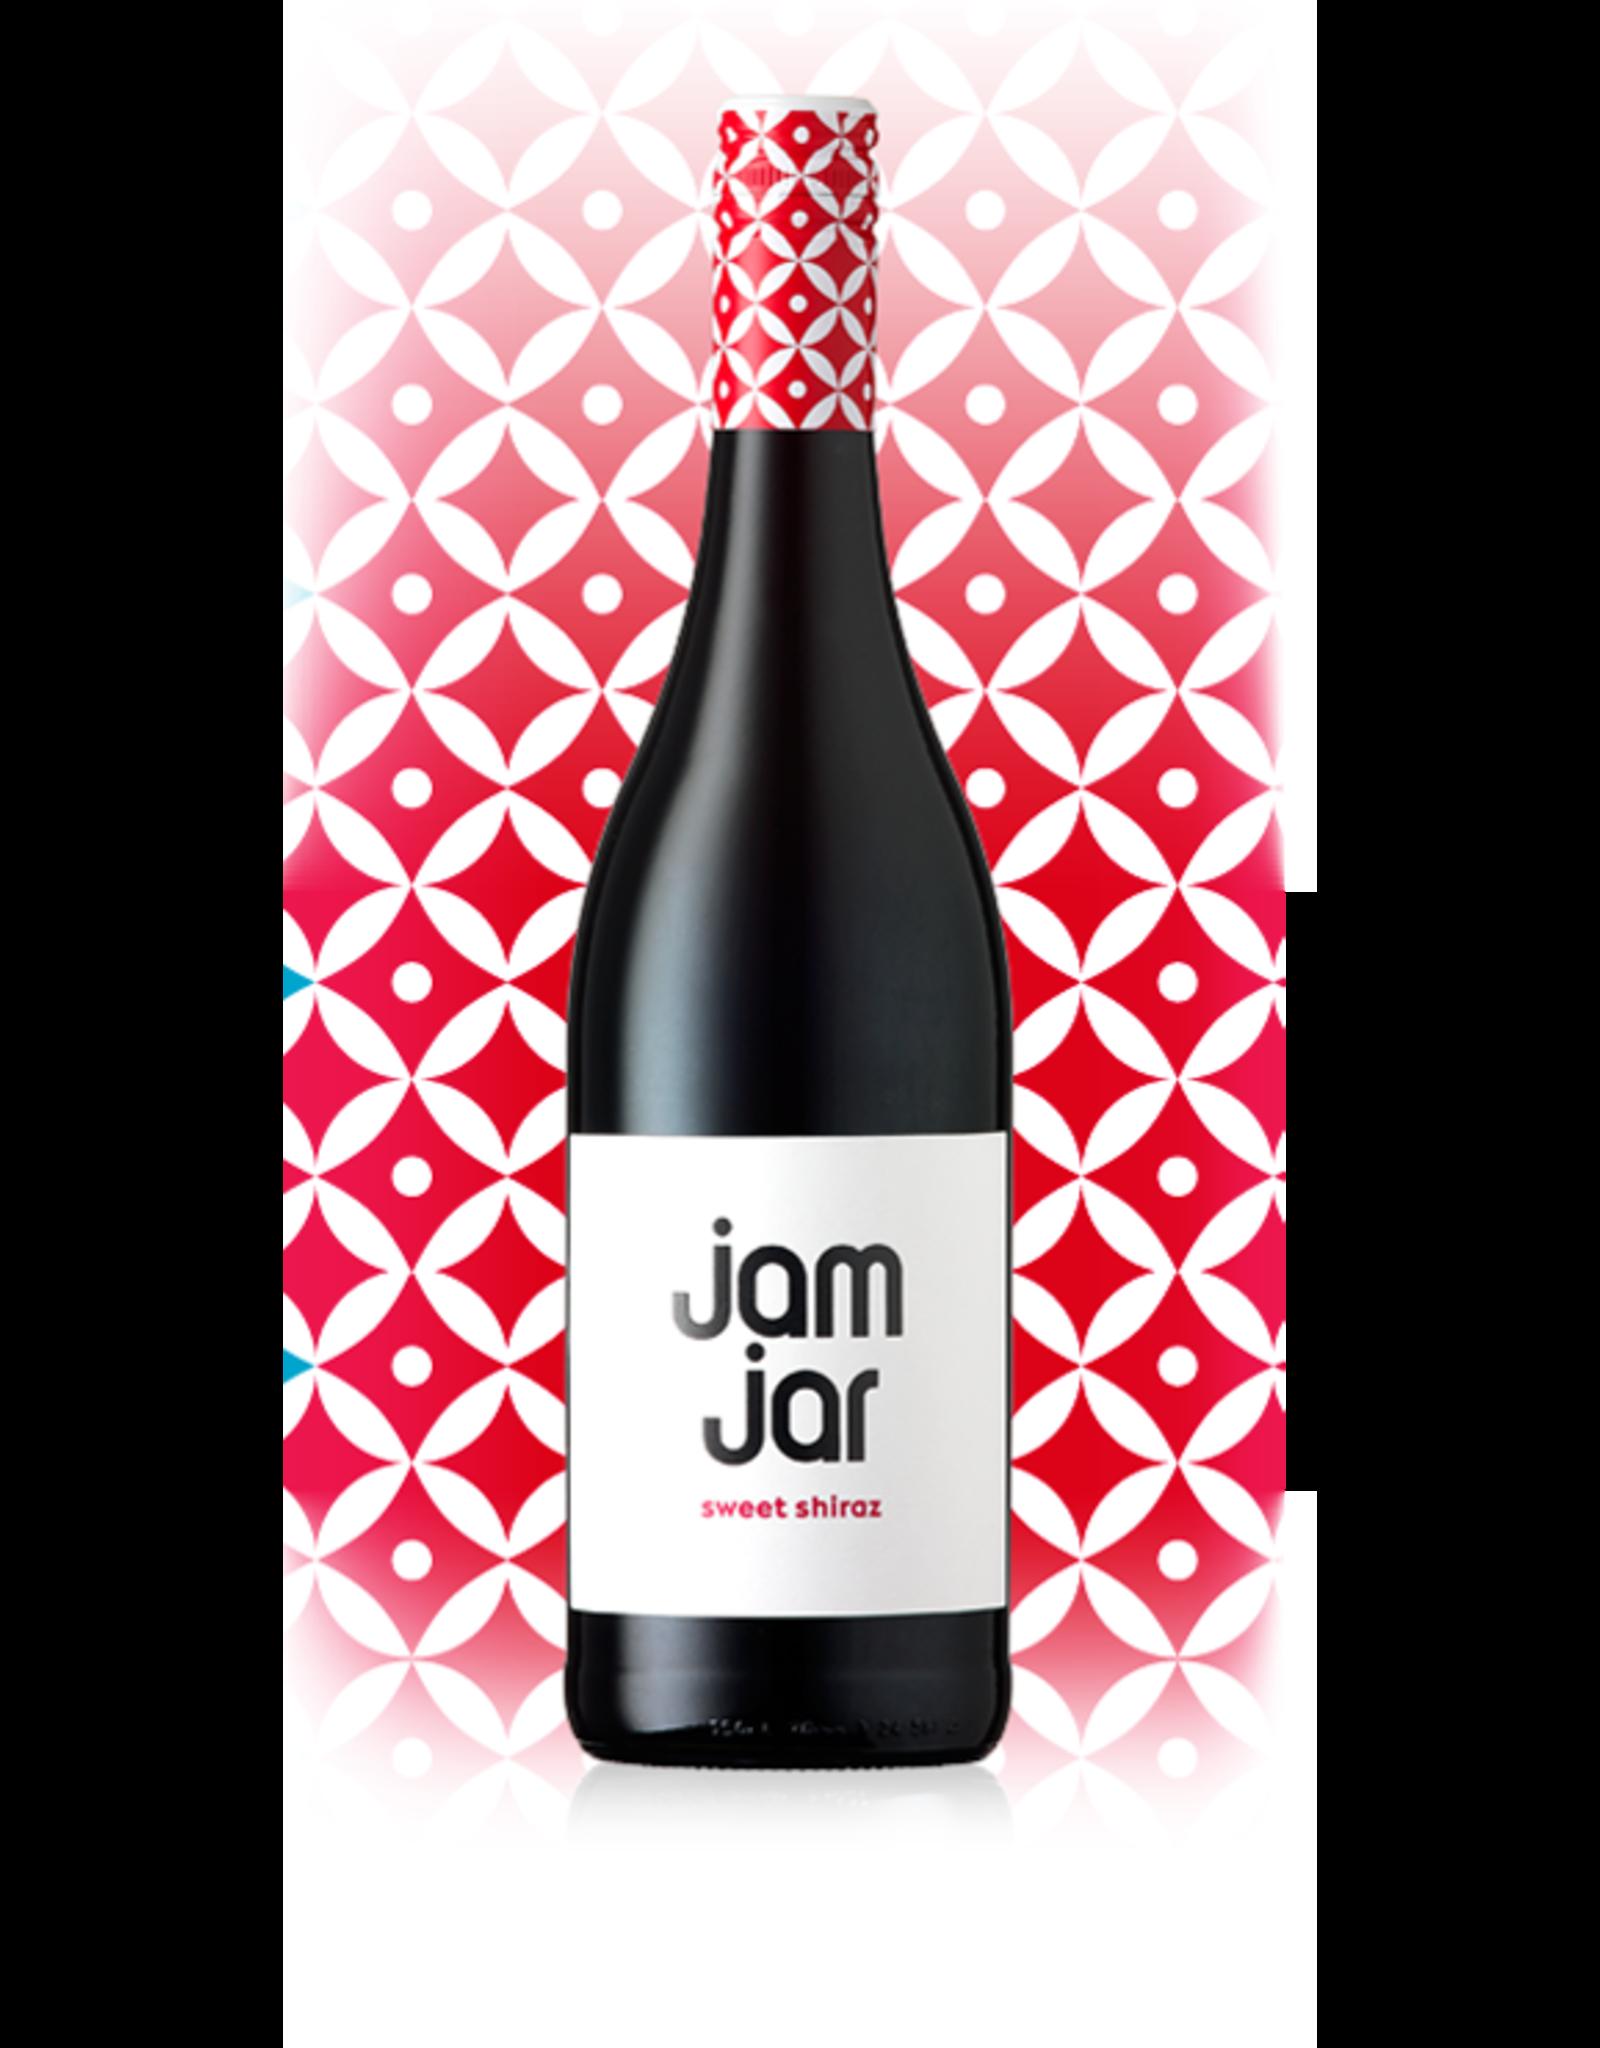 Jam Jar Shiraz